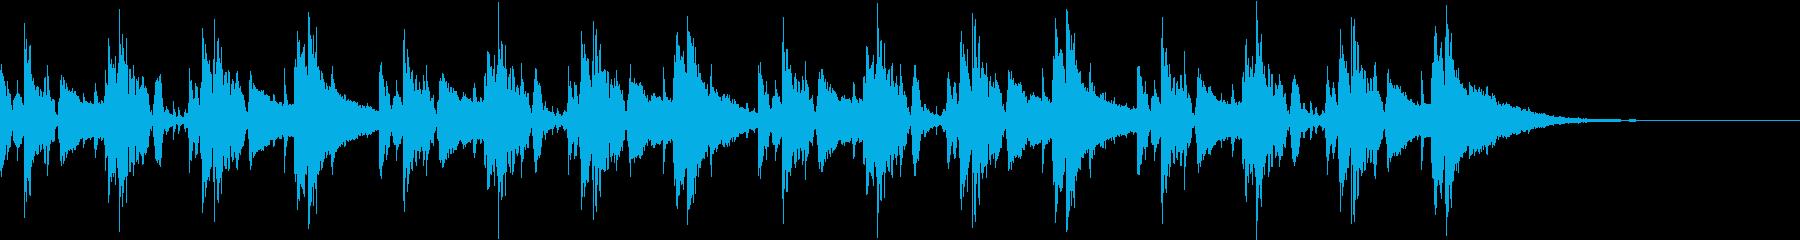 Pf「葉巻」和風現代ジャズの再生済みの波形